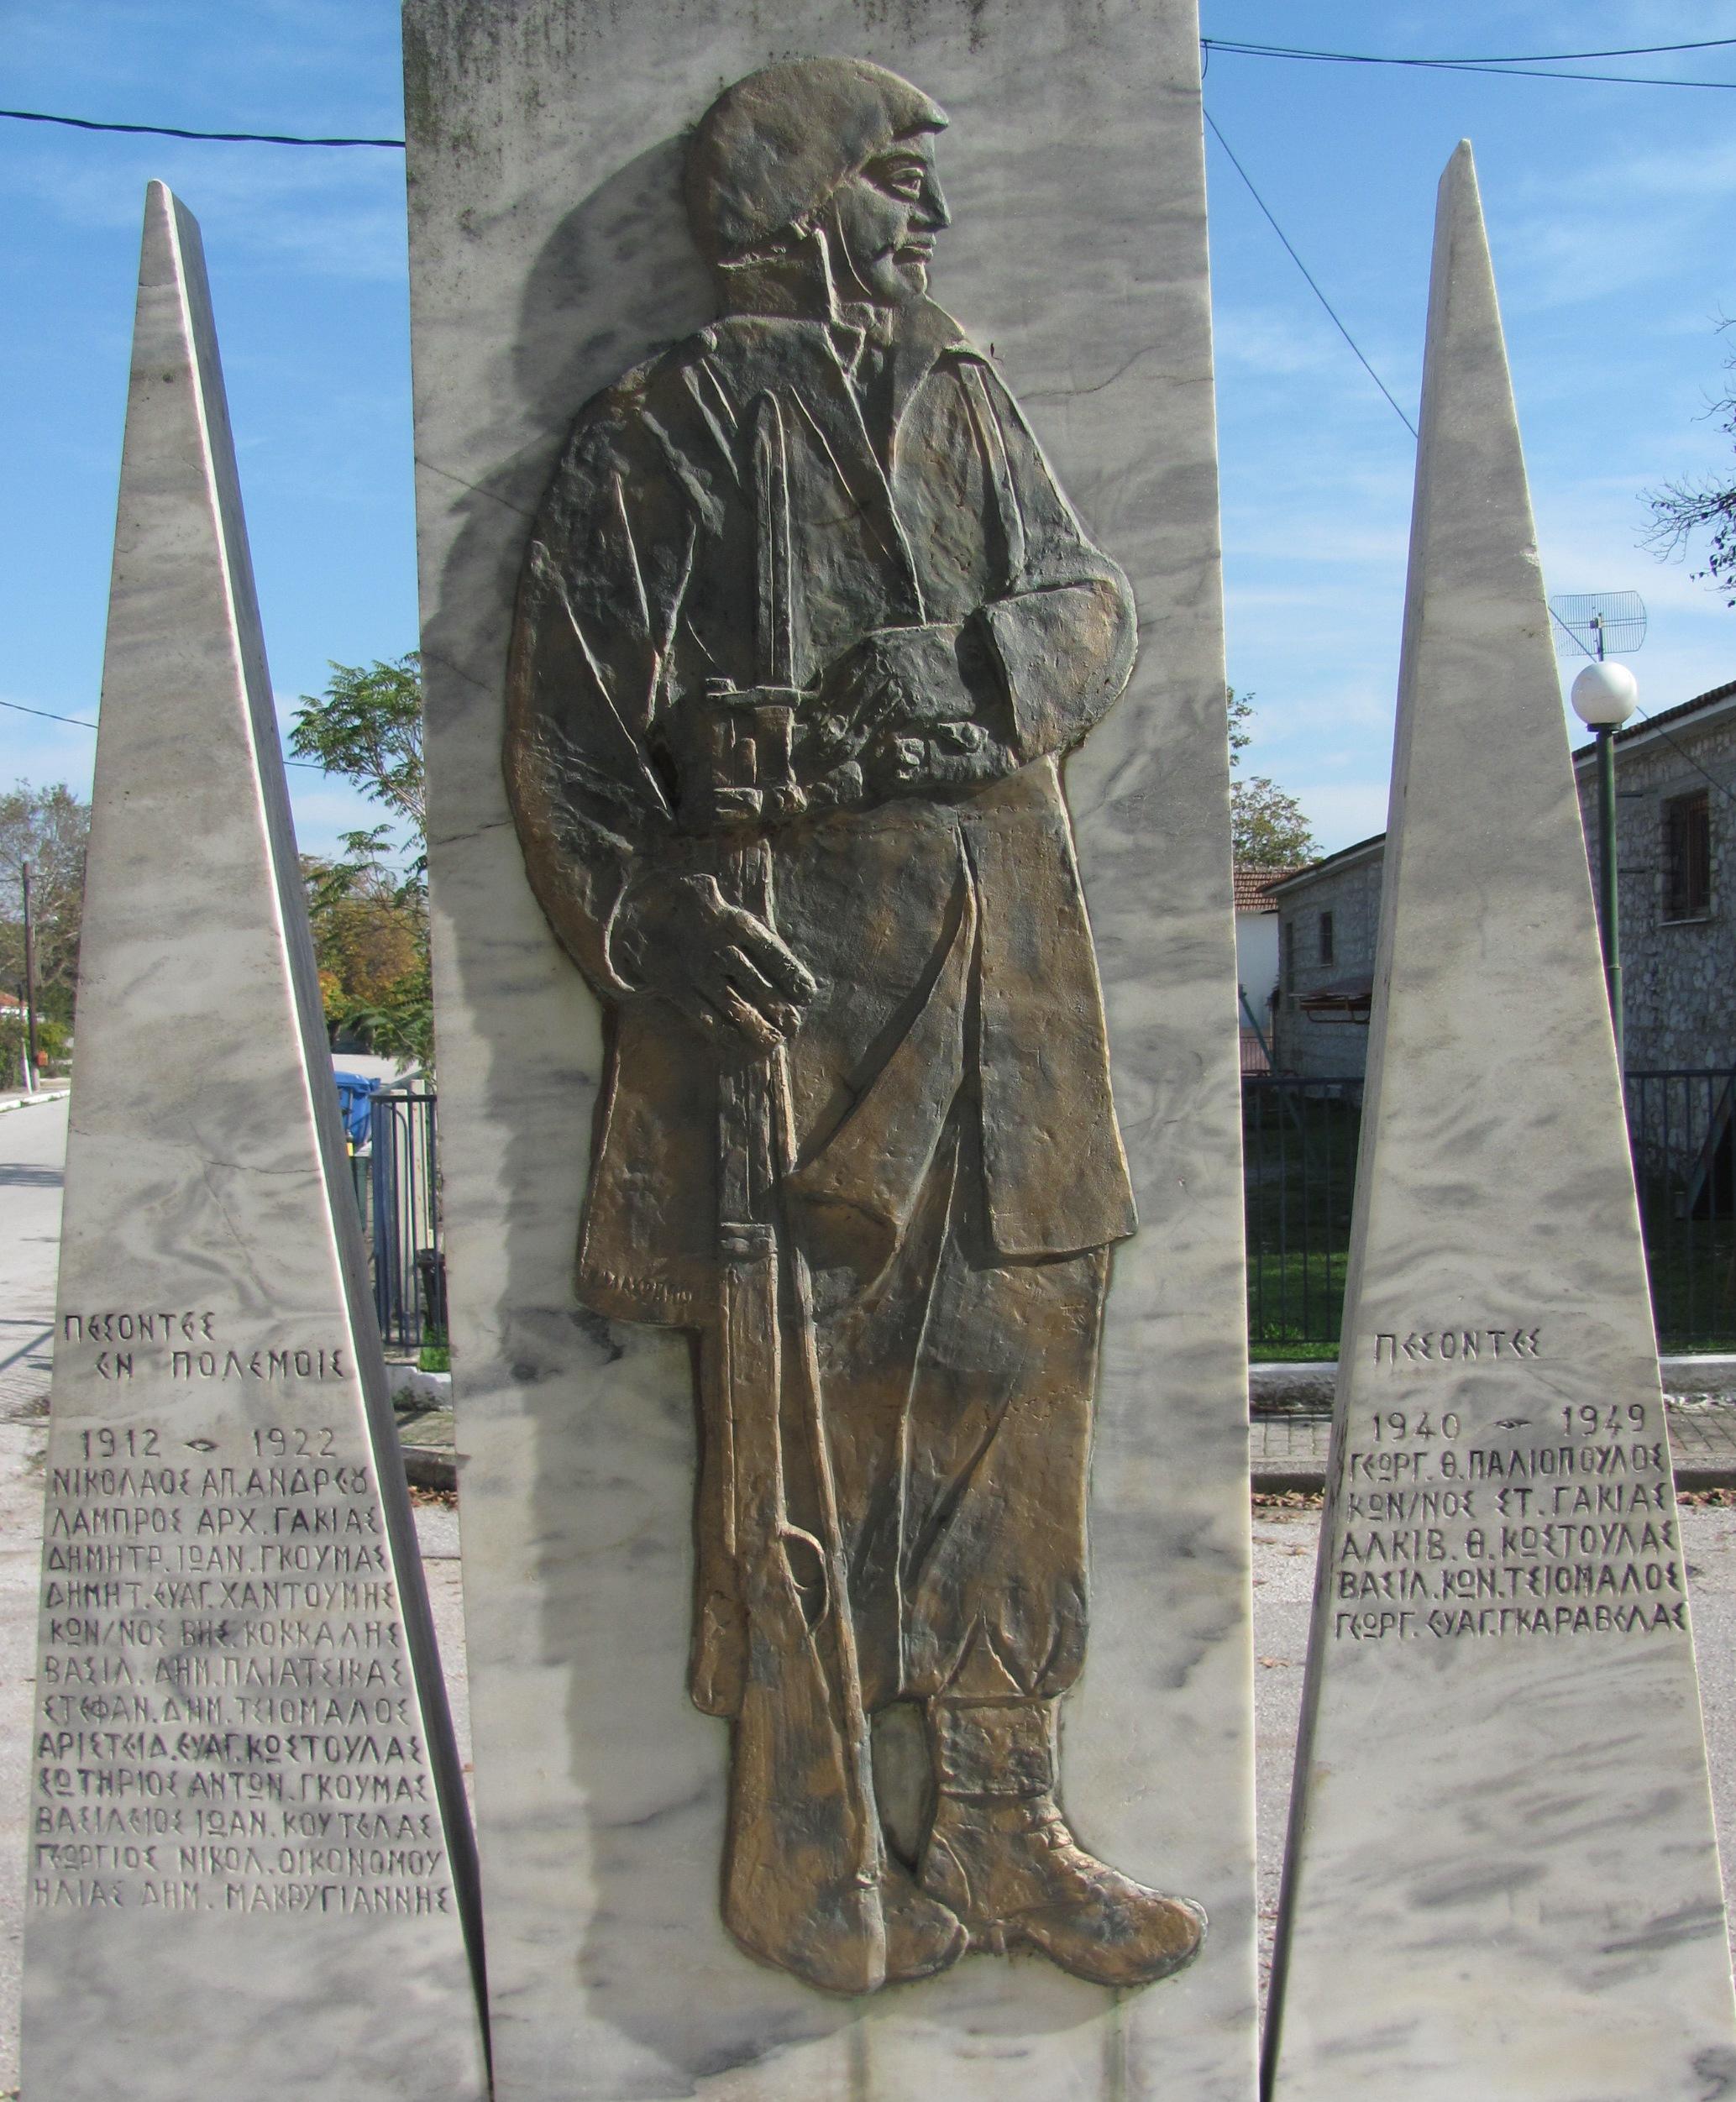 Μνημείο Πεσόντων Γελανθιωτών.  Στην αριστερή στήλη εμφανίζονται οι πεσόντες του 1912-1922, ενώ στη δεξιά οι πεσόντεσ του 1940-1949.